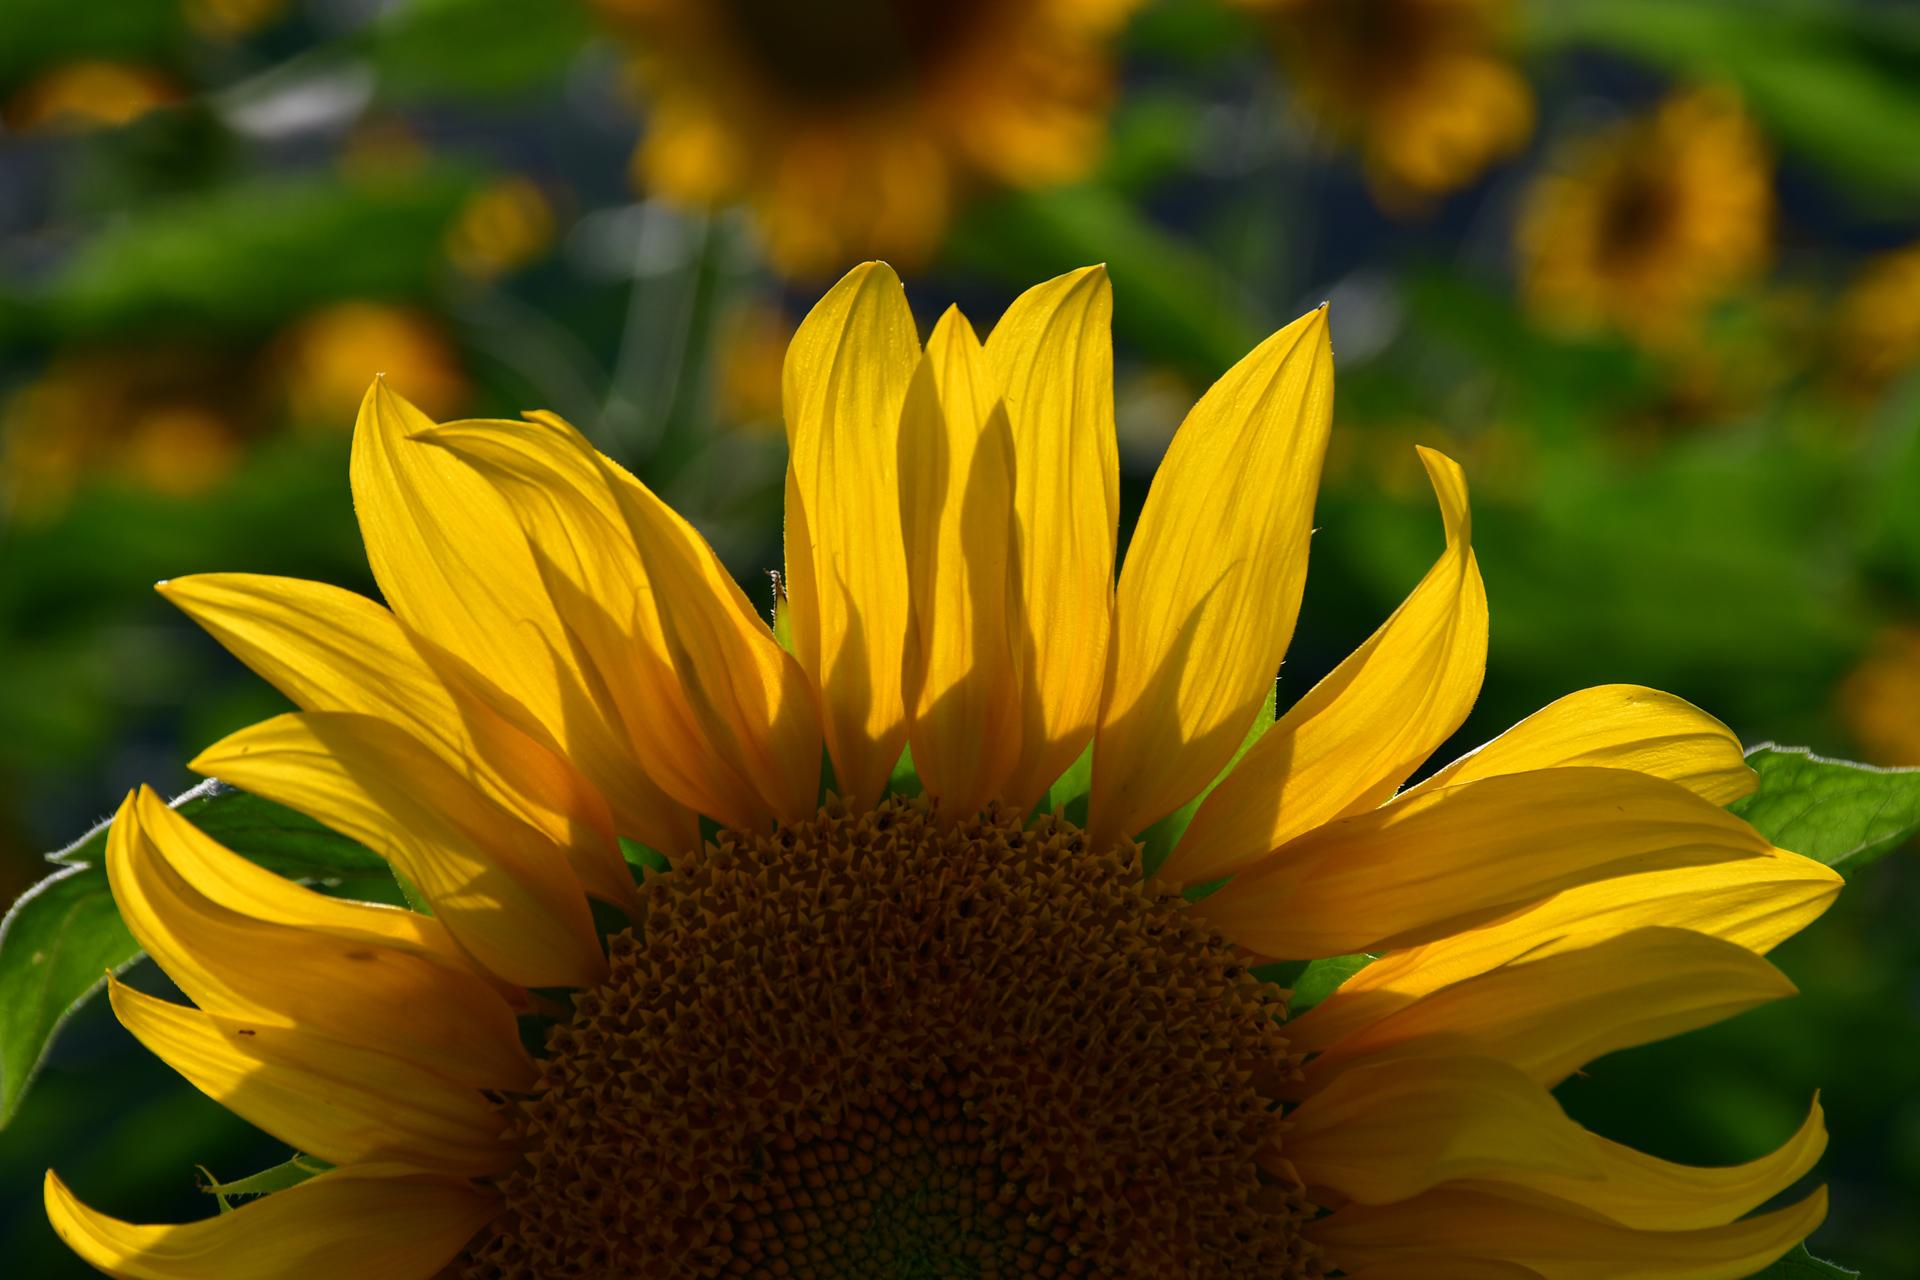 צהוב - שמש - חמנייה- יואל שתרוג - אדמה יוצרת - yoel sitruk